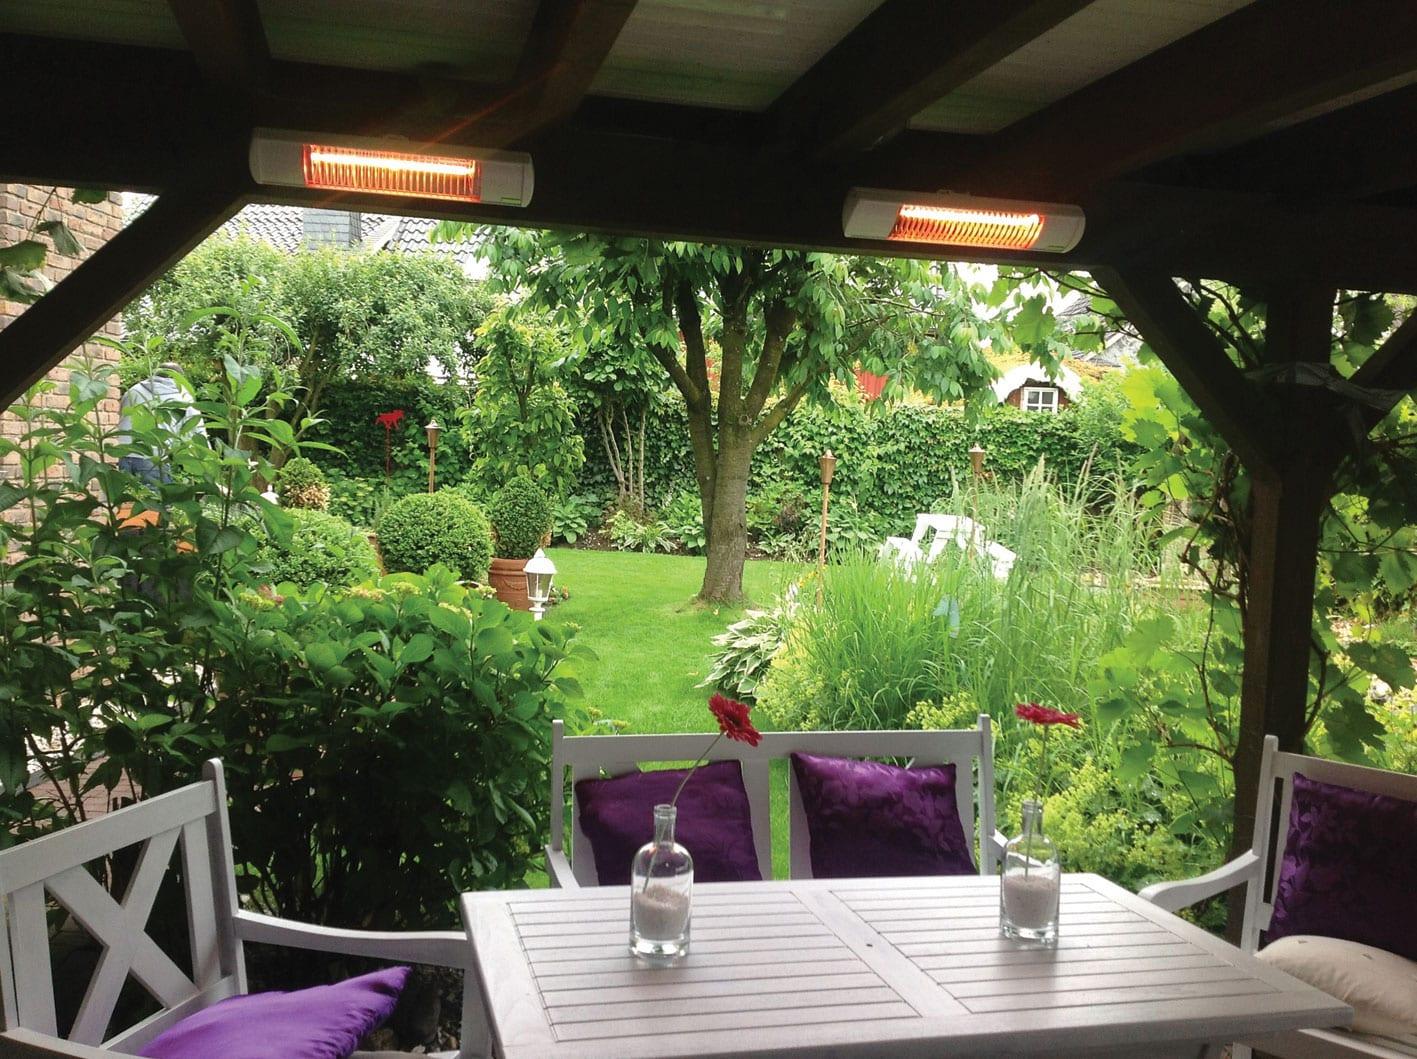 Med terrassevarmere gjør du det lunt og fint på terrassen